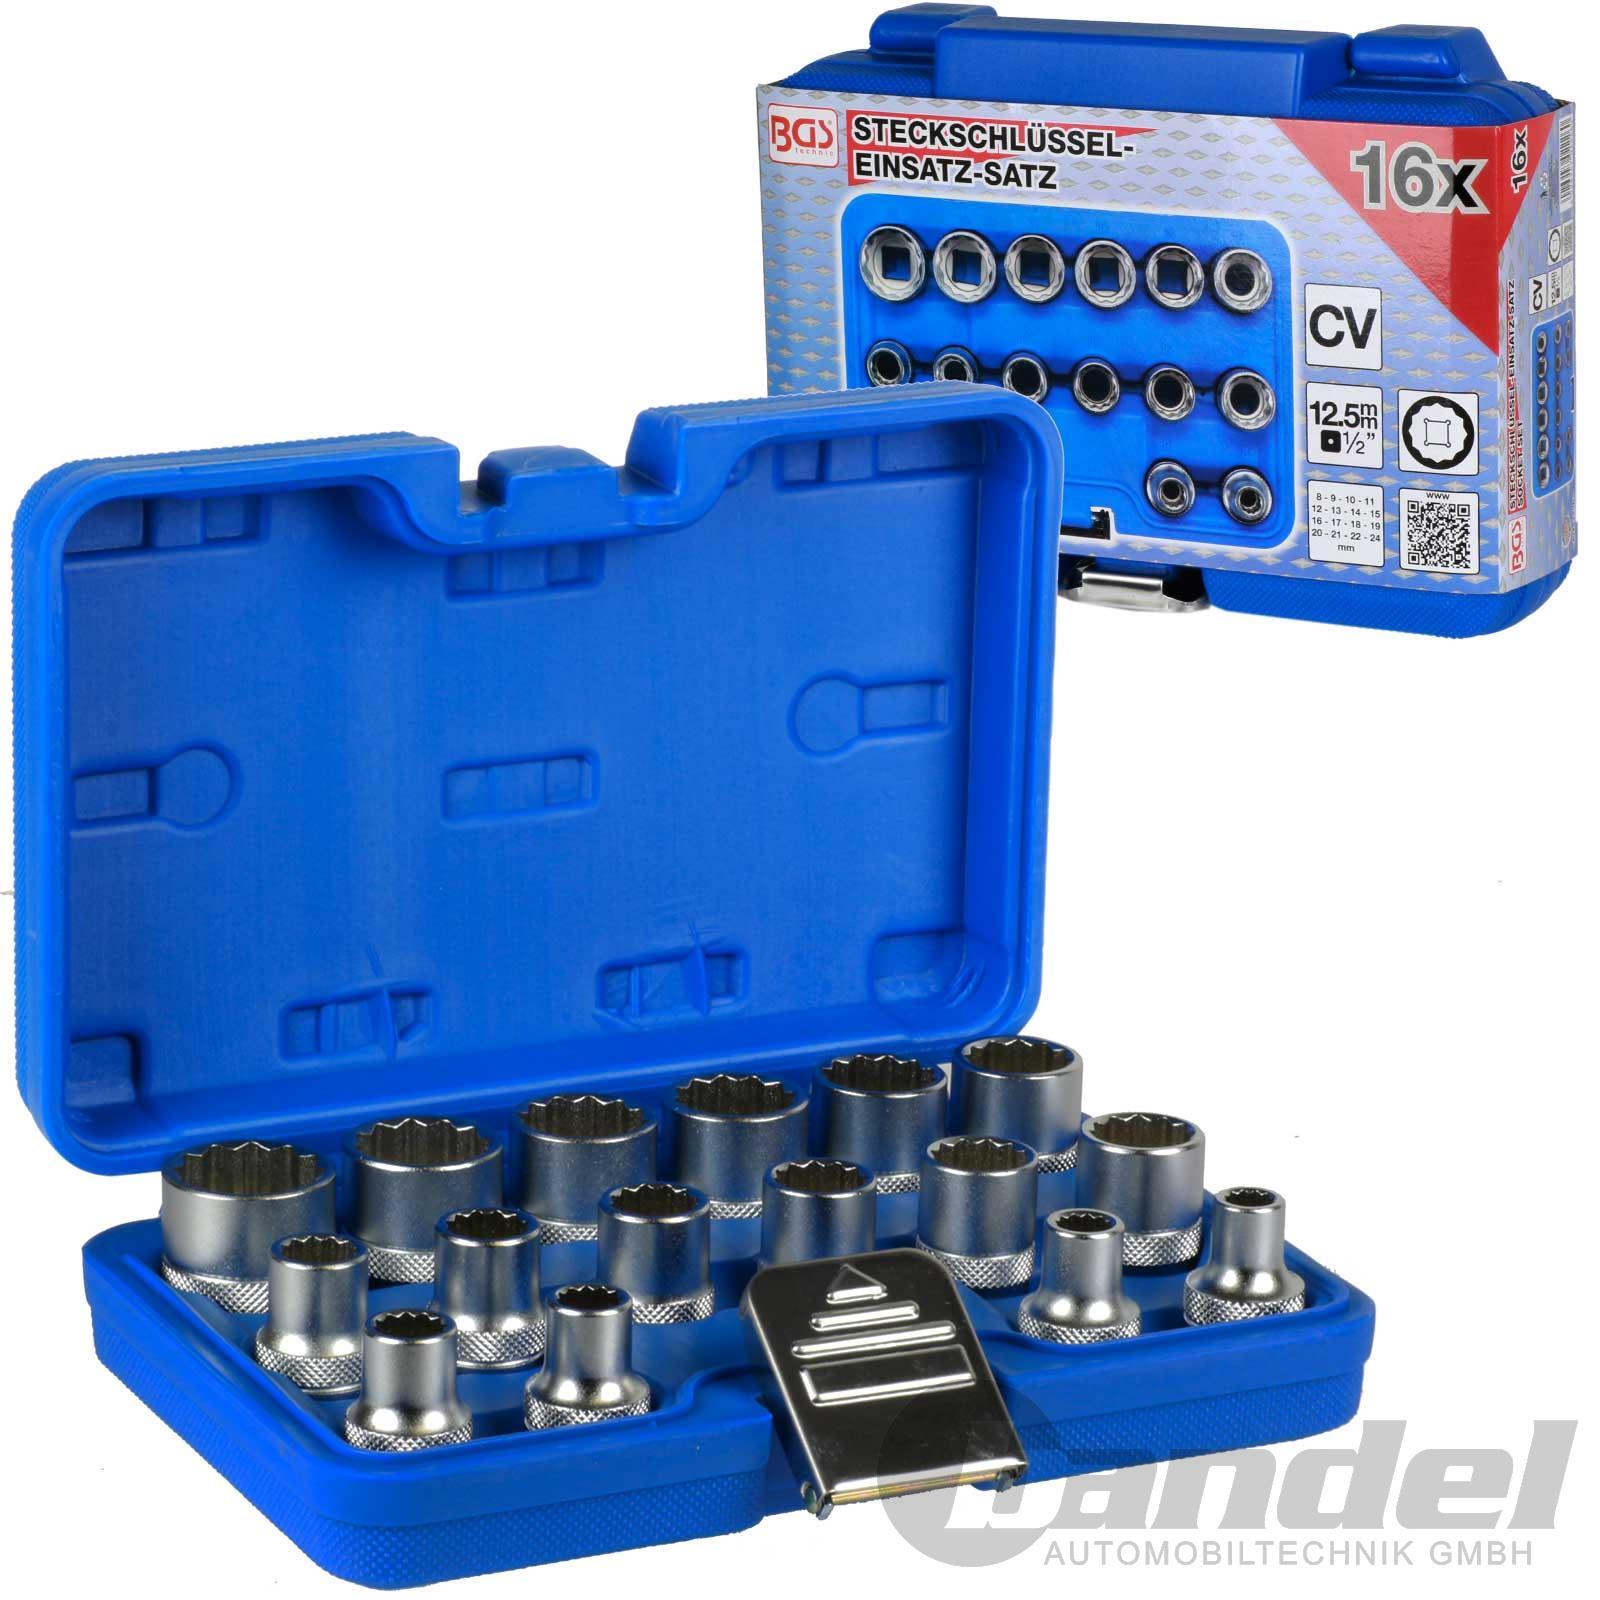 11 Teiliges Nüsse Ratsche Set mit 9 Nüssen von 8 mm bis 24 mm Verlängerung